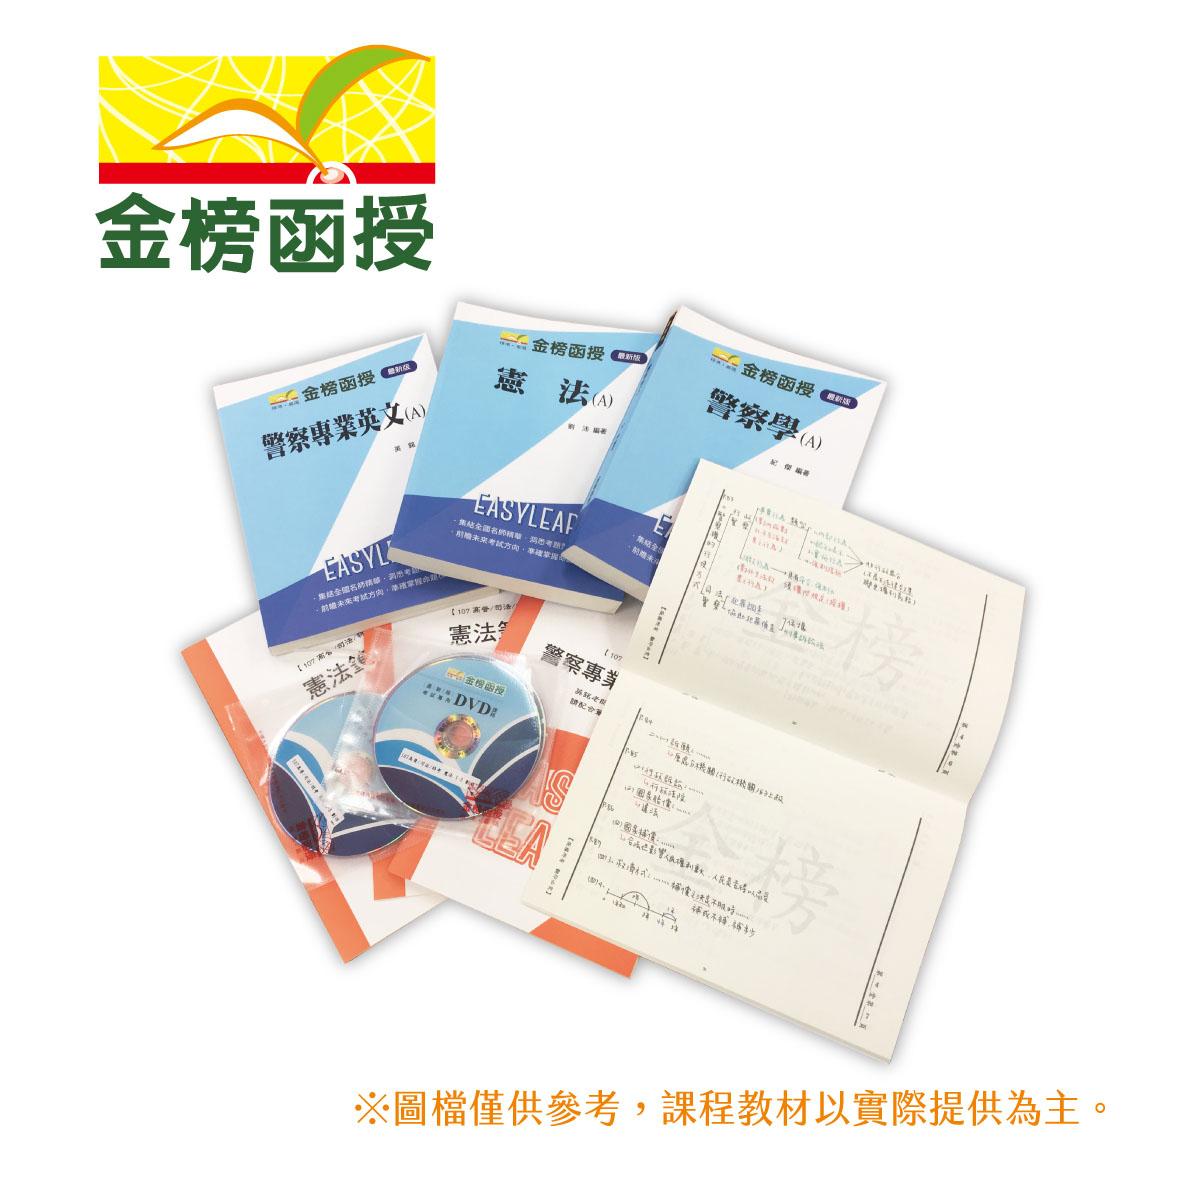 107金榜函授/行政法主题/行政法主题式/单科/云端/第07回/孙权